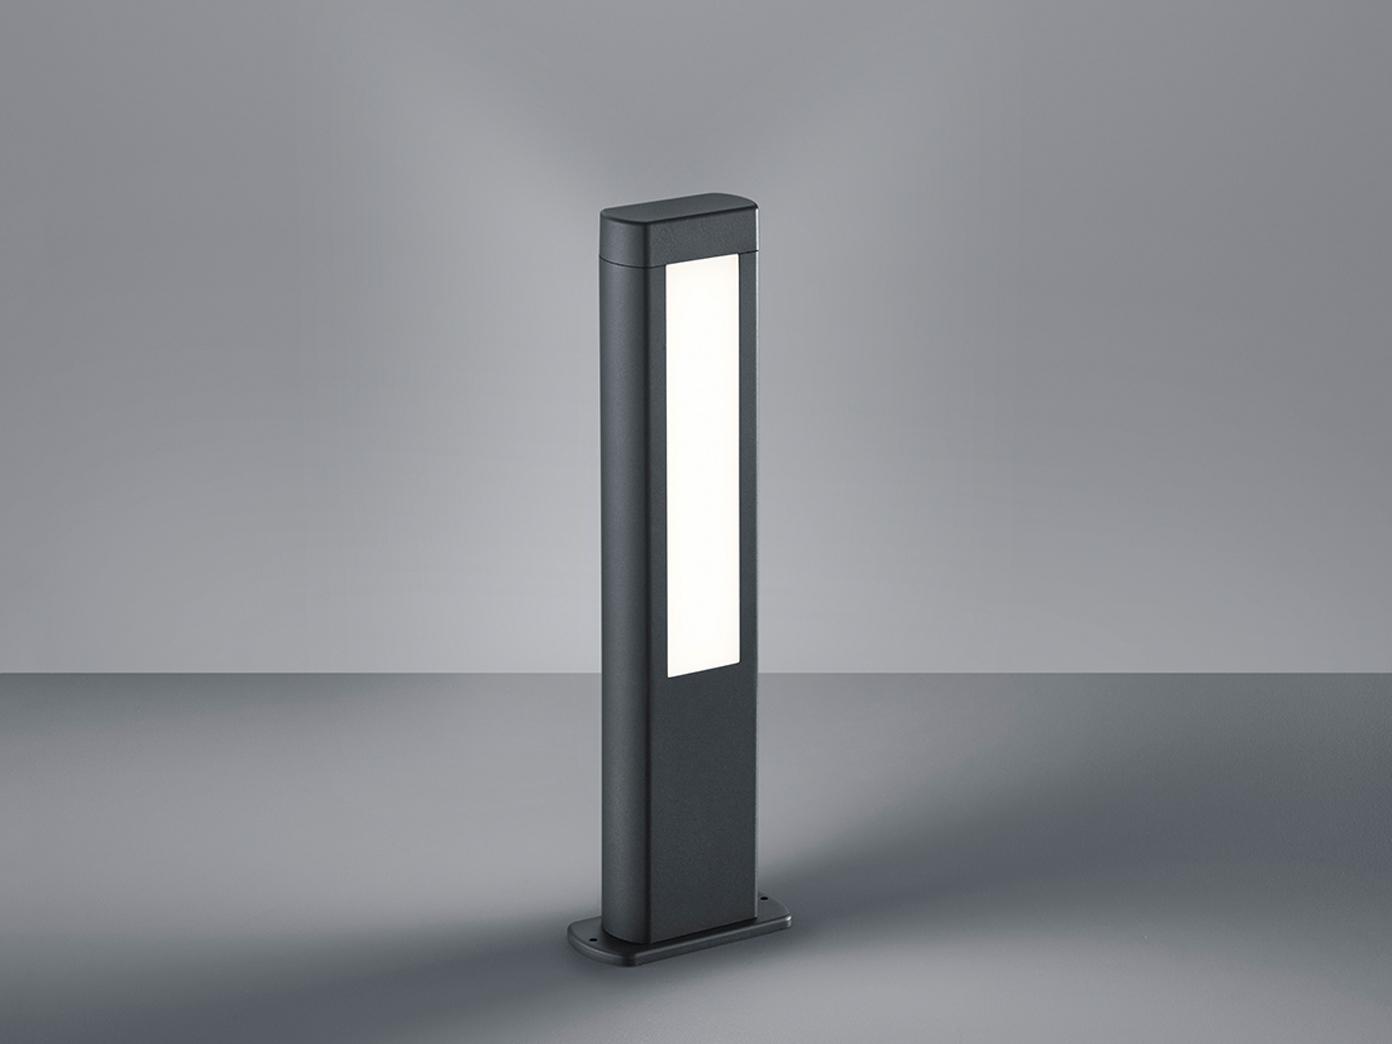 LED Außenbeleuchtung - RHINE Pfostenleuchte Pfostenleuchte Pfostenleuchte aus Aluminiumguss in Anthrazit, IP54 3620b4